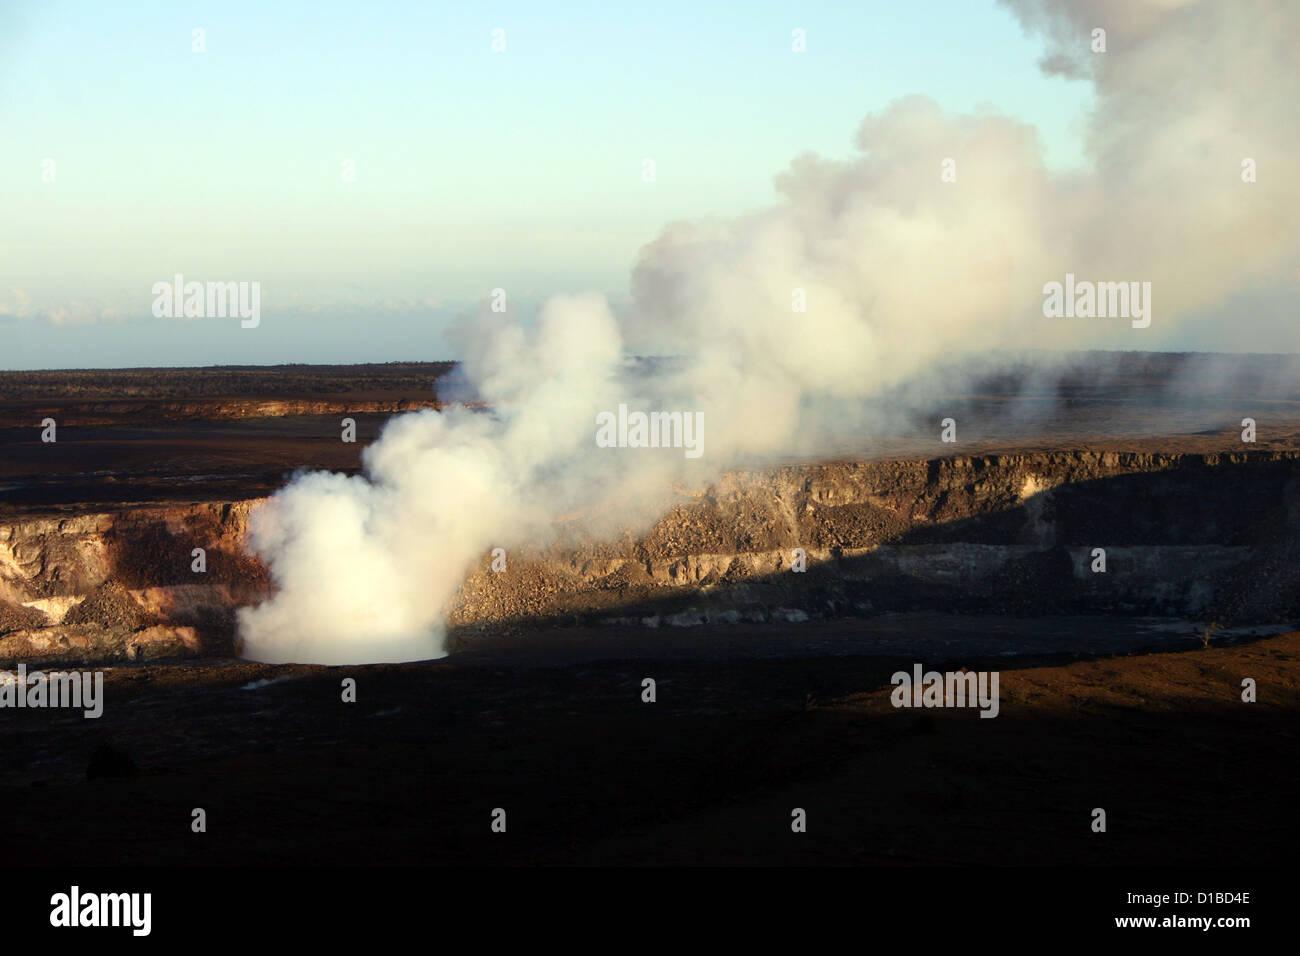 Kilauea crater steaming at Volcanoes National Park, Hawaii, USA - Stock Image